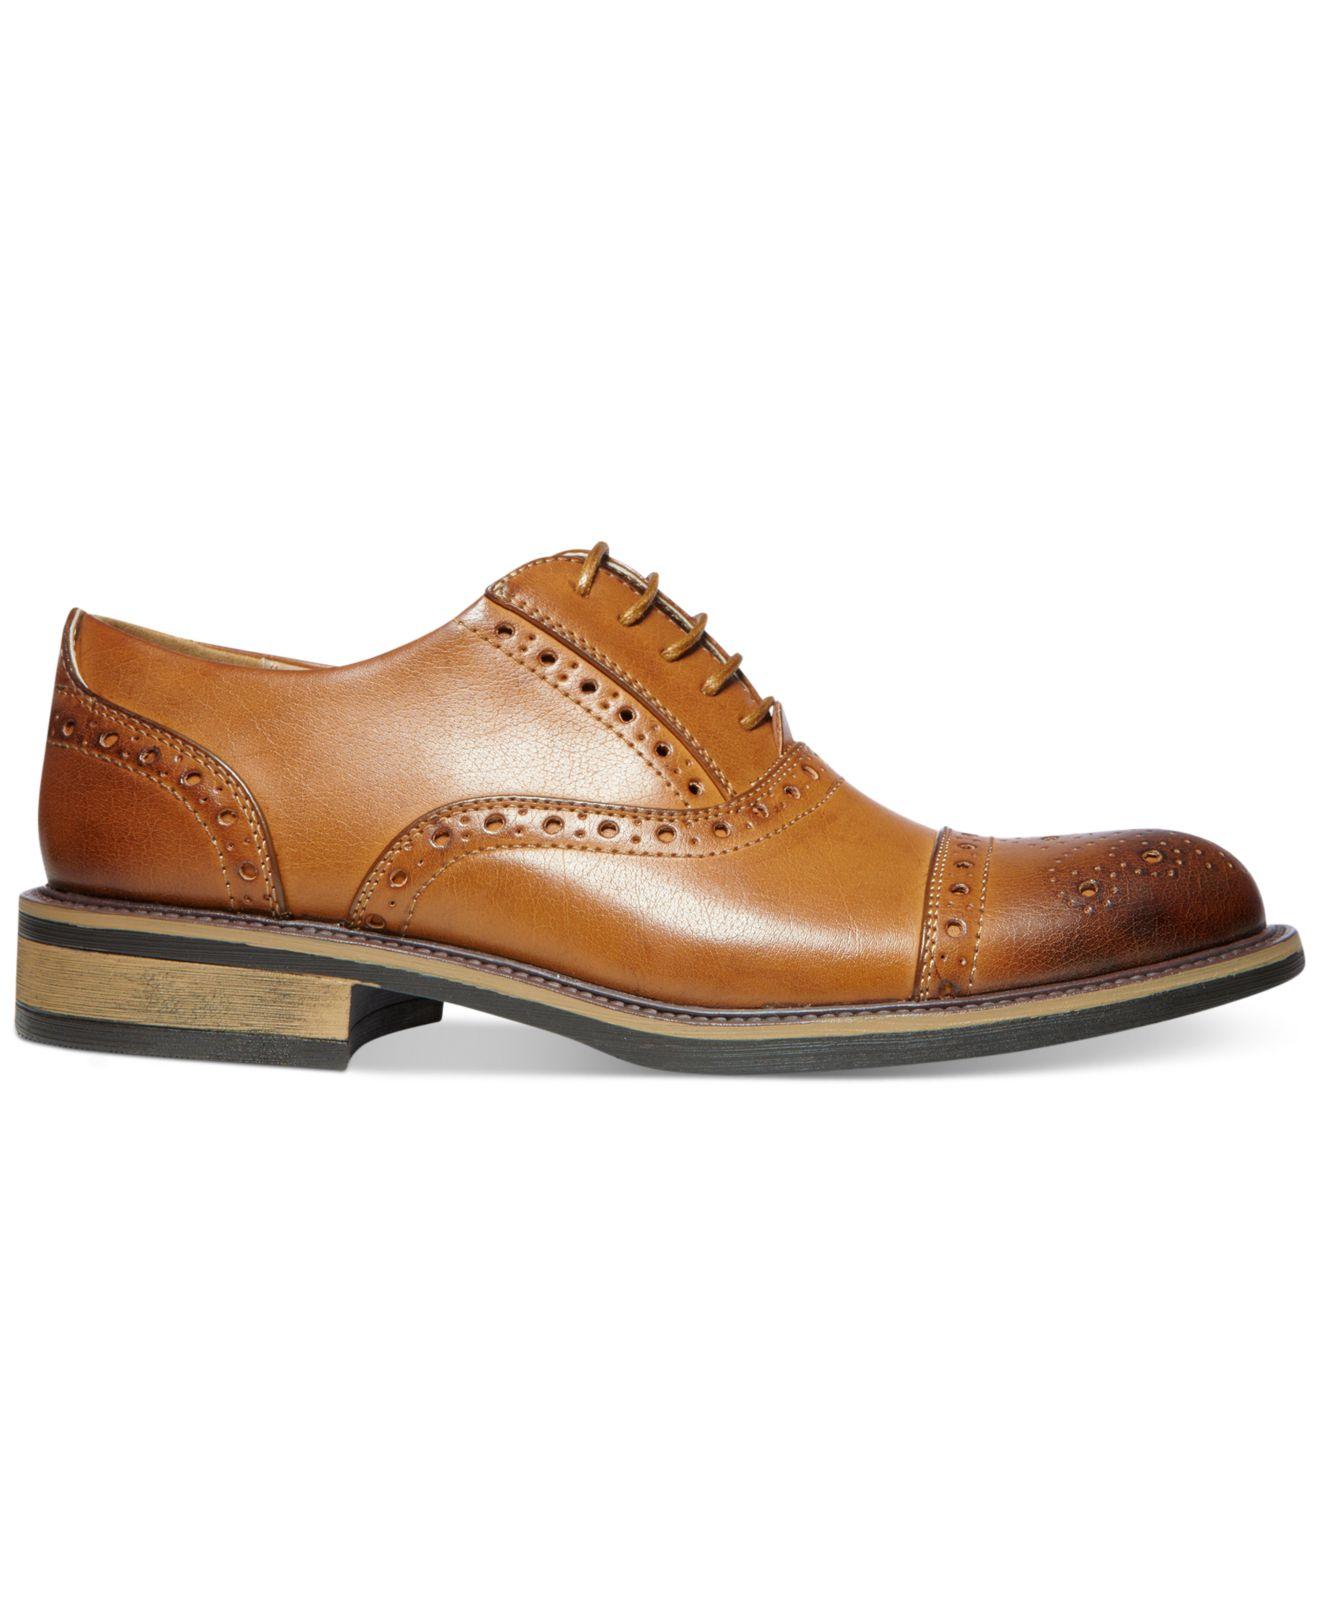 50f1c3f5e0a Steve Madden Brown Madden Ziggy Cap Toe Dress Shoes for men